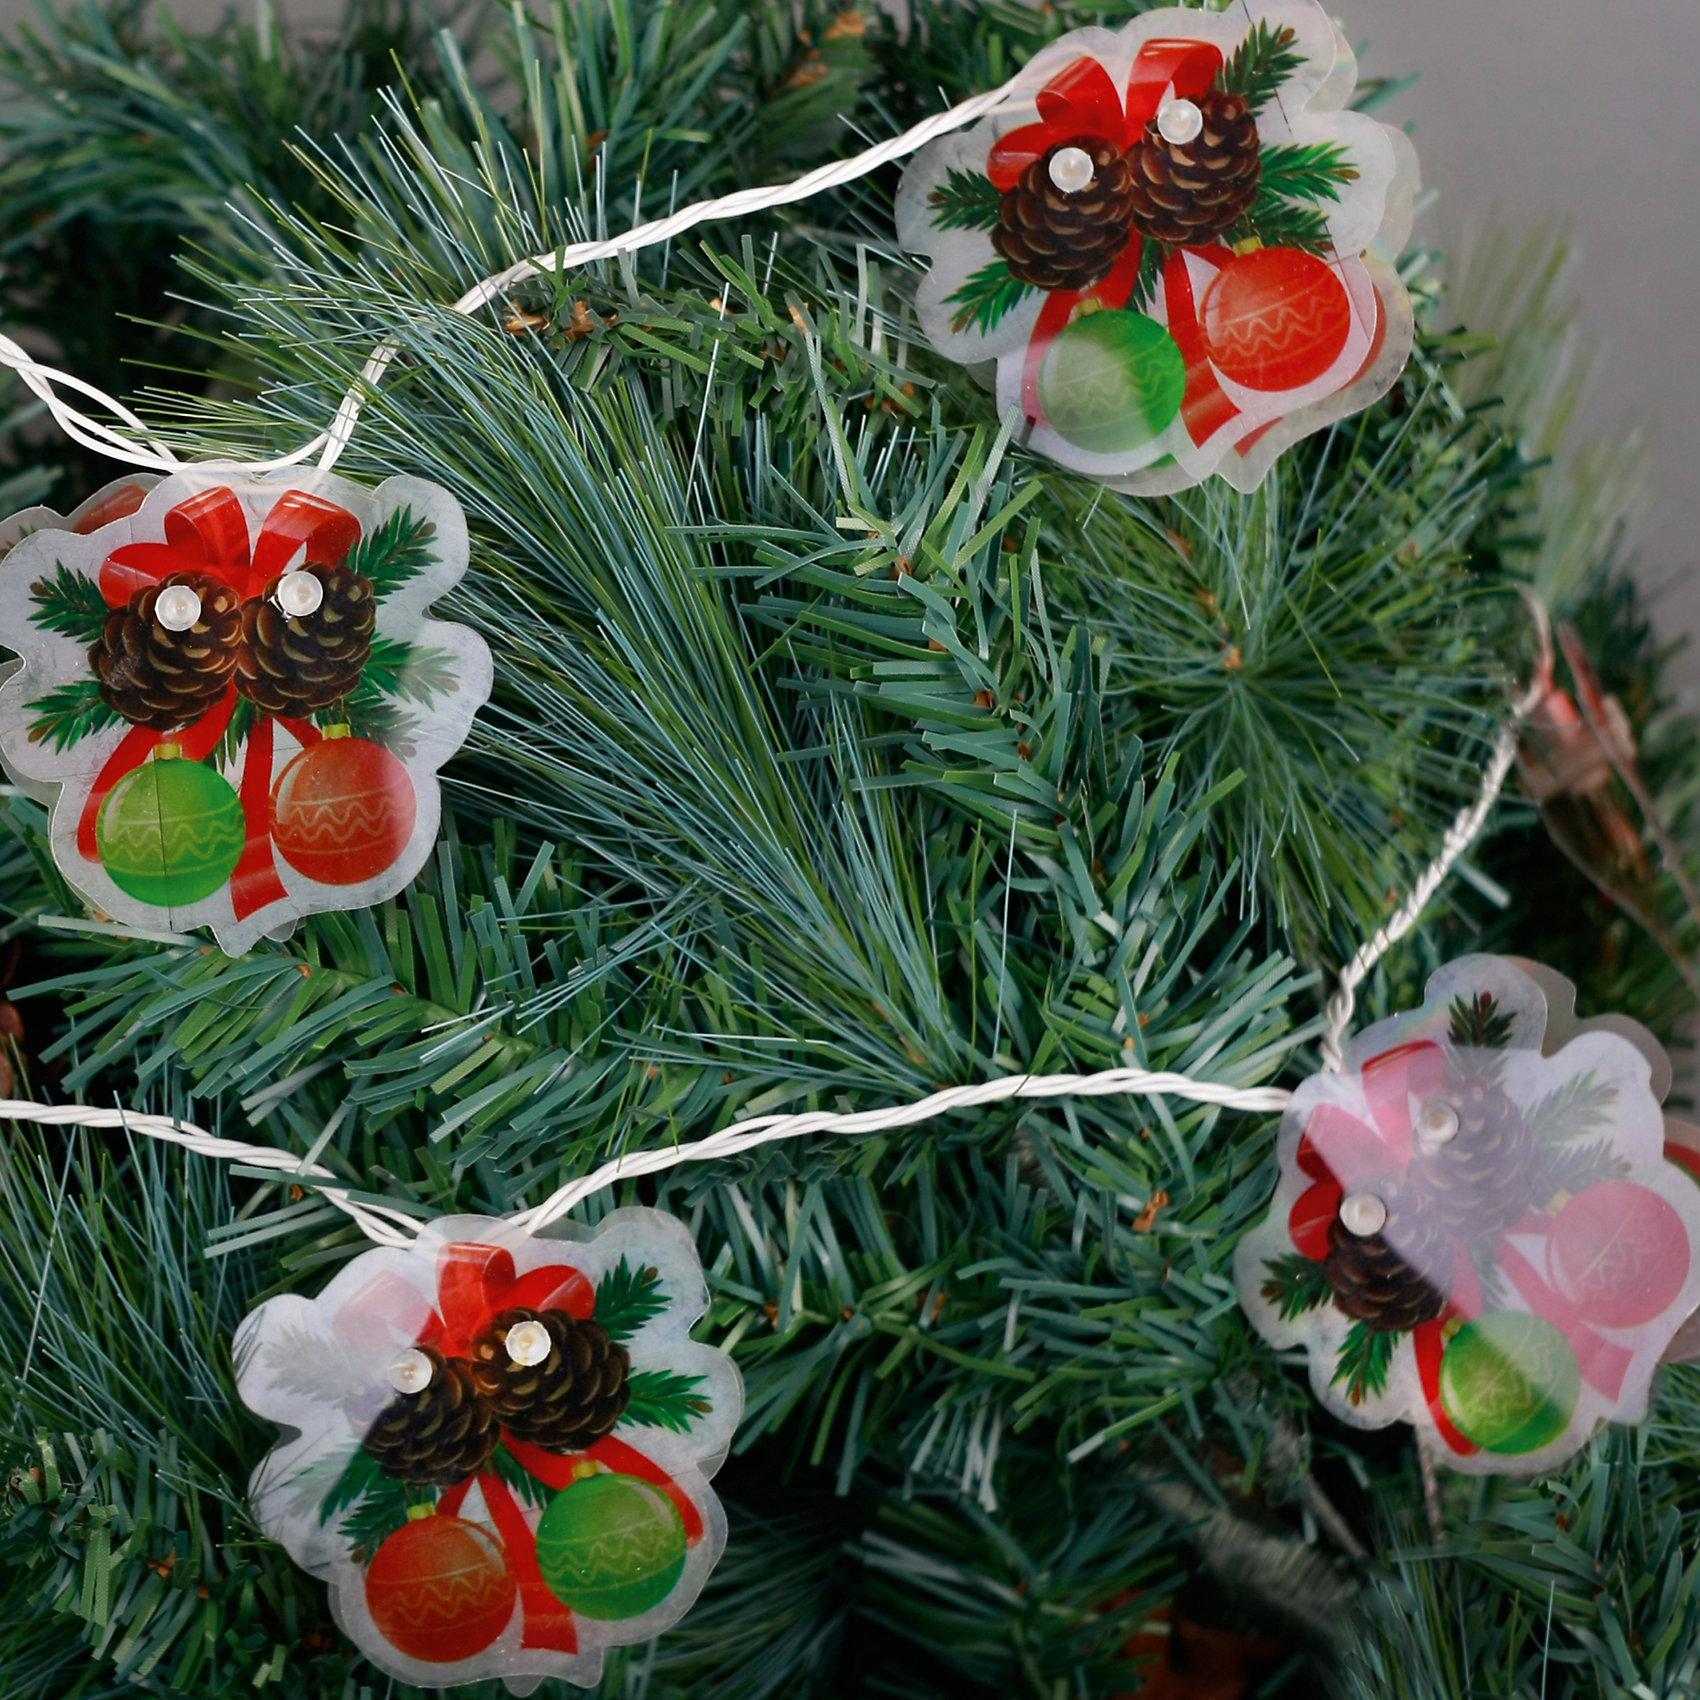 Электрогирлянда Шарики 250 см, 16 лампНовинки Новый Год<br>Электрогирлянда Шарики, Феникс-презент, станет замечательным украшением Вашей новогодней елки или интерьера и поможет создать праздничную волшебную атмосферу. Красочная гирлянда состоит из 16 ламп, каждая из которых помещена между двух пластинок с<br>изображением новогодних шариков с бантиками и шишечками. Гирлянда будет чудесно смотреться на елке и радовать детей и взрослых. Имеется тумблер переключения режимов мигания огней (8 режимов). Мощность ламп - 30,7 Вт, работает от сети 220 В.<br><br><br>Дополнительная информация:<br><br>- Материал: ПВХ.<br>- Размер гирлянды: 250 см.<br>- Размер упаковки: 2 x 19 x 27 см.<br>- Вес: 130 гр. <br><br>Электрогирлянду Шарики 250 см., 16 ламп, Феникс-презент, можно купить в нашем интернет-магазине.<br><br>Ширина мм: 20<br>Глубина мм: 190<br>Высота мм: 270<br>Вес г: 130<br>Возраст от месяцев: 36<br>Возраст до месяцев: 2147483647<br>Пол: Унисекс<br>Возраст: Детский<br>SKU: 4274732